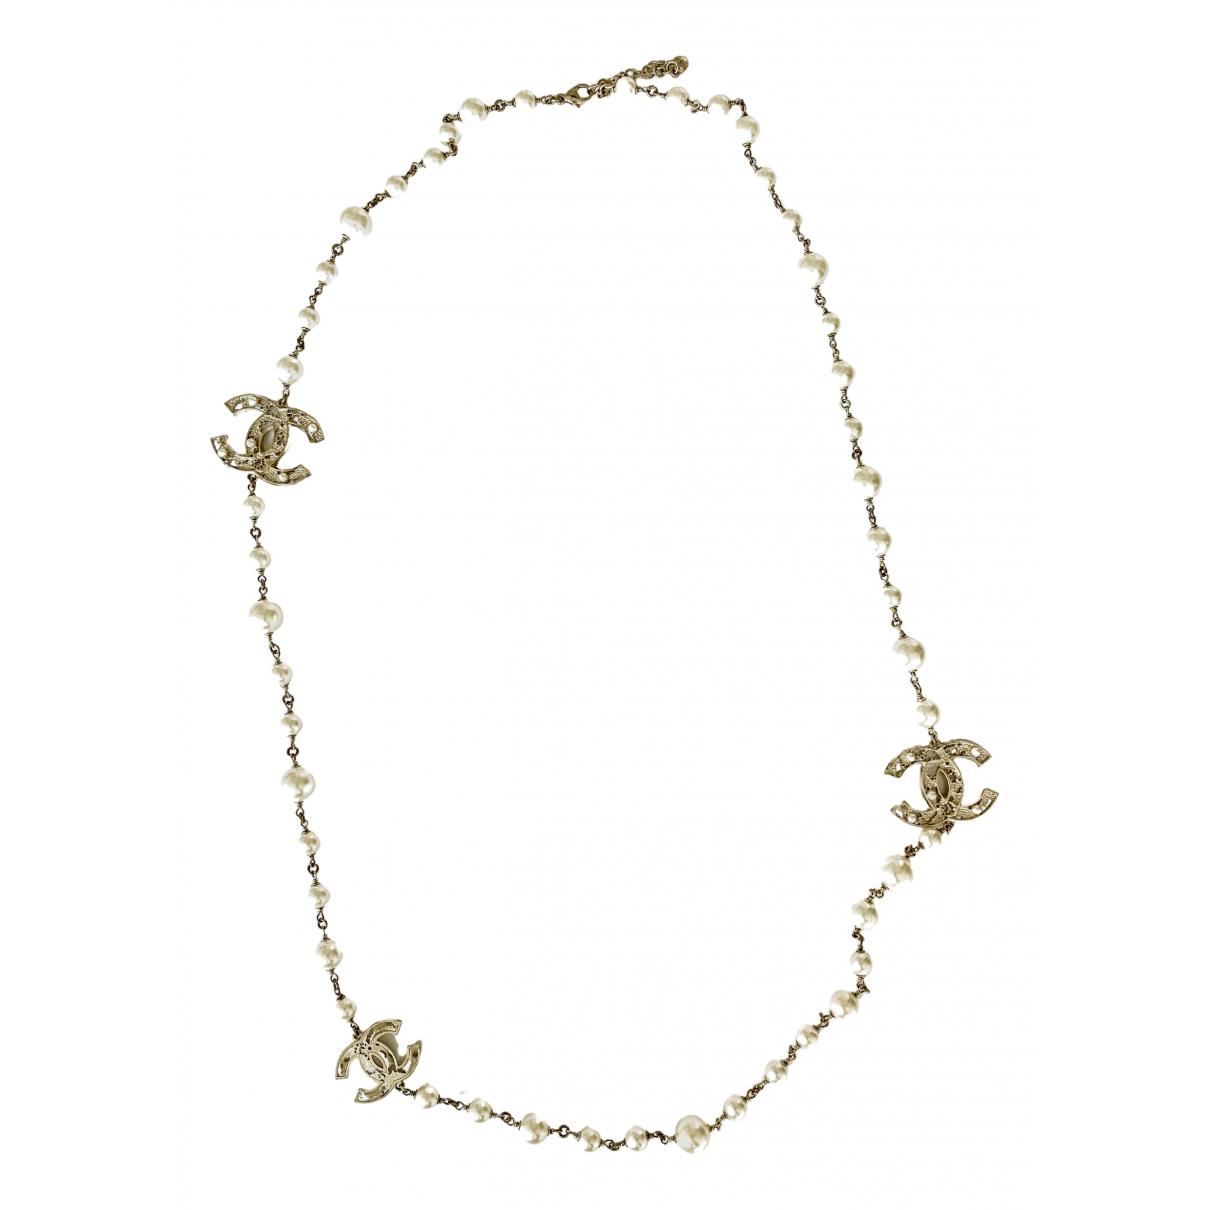 Chanel \N Halskette in  Metallic Perlen